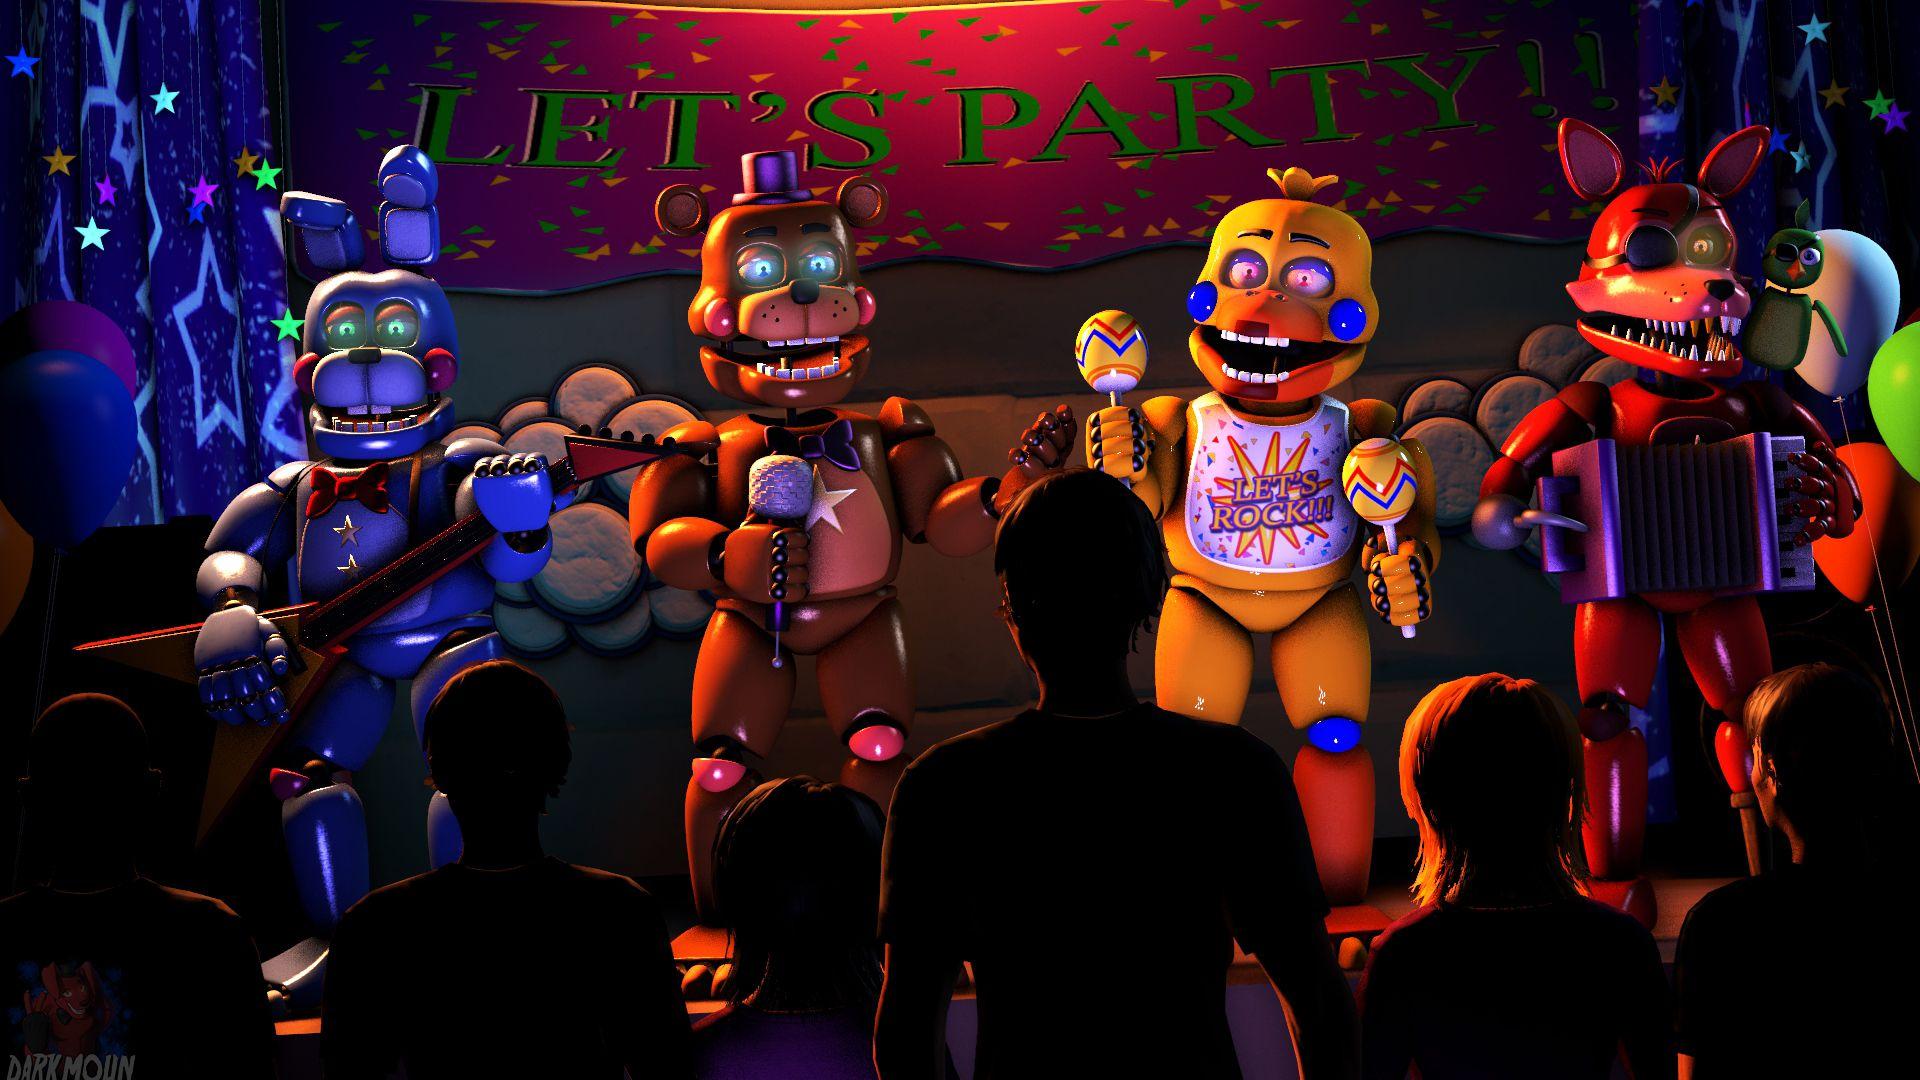 SFM Party with the Rockstars by Darkmoun Fnaf, Fnaf